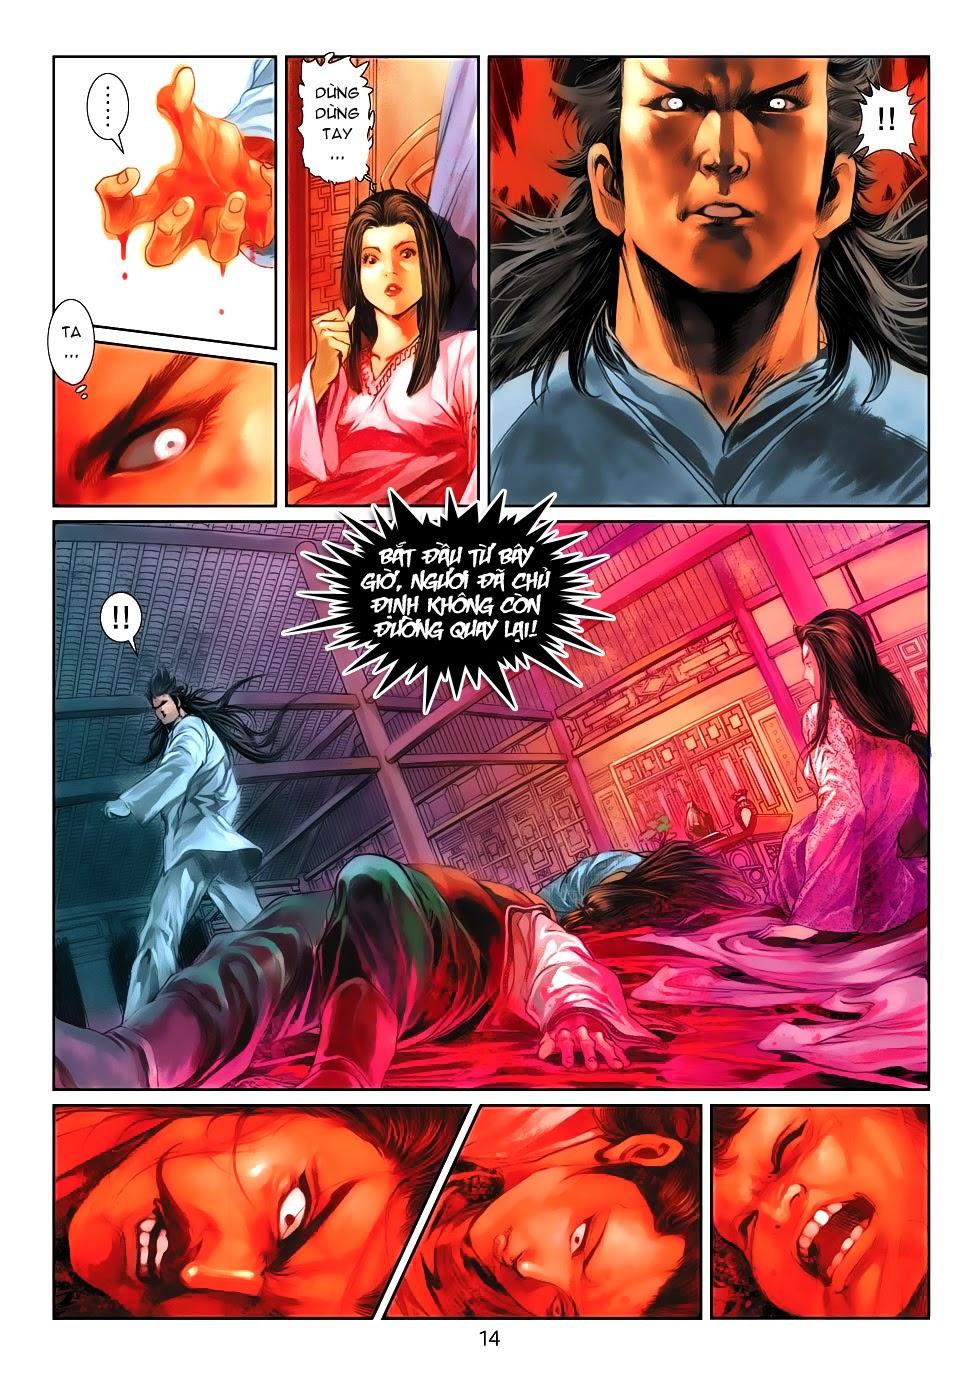 Thần Binh Tiền Truyện 4 - Huyền Thiên Tà Đế chap 10 - Trang 14